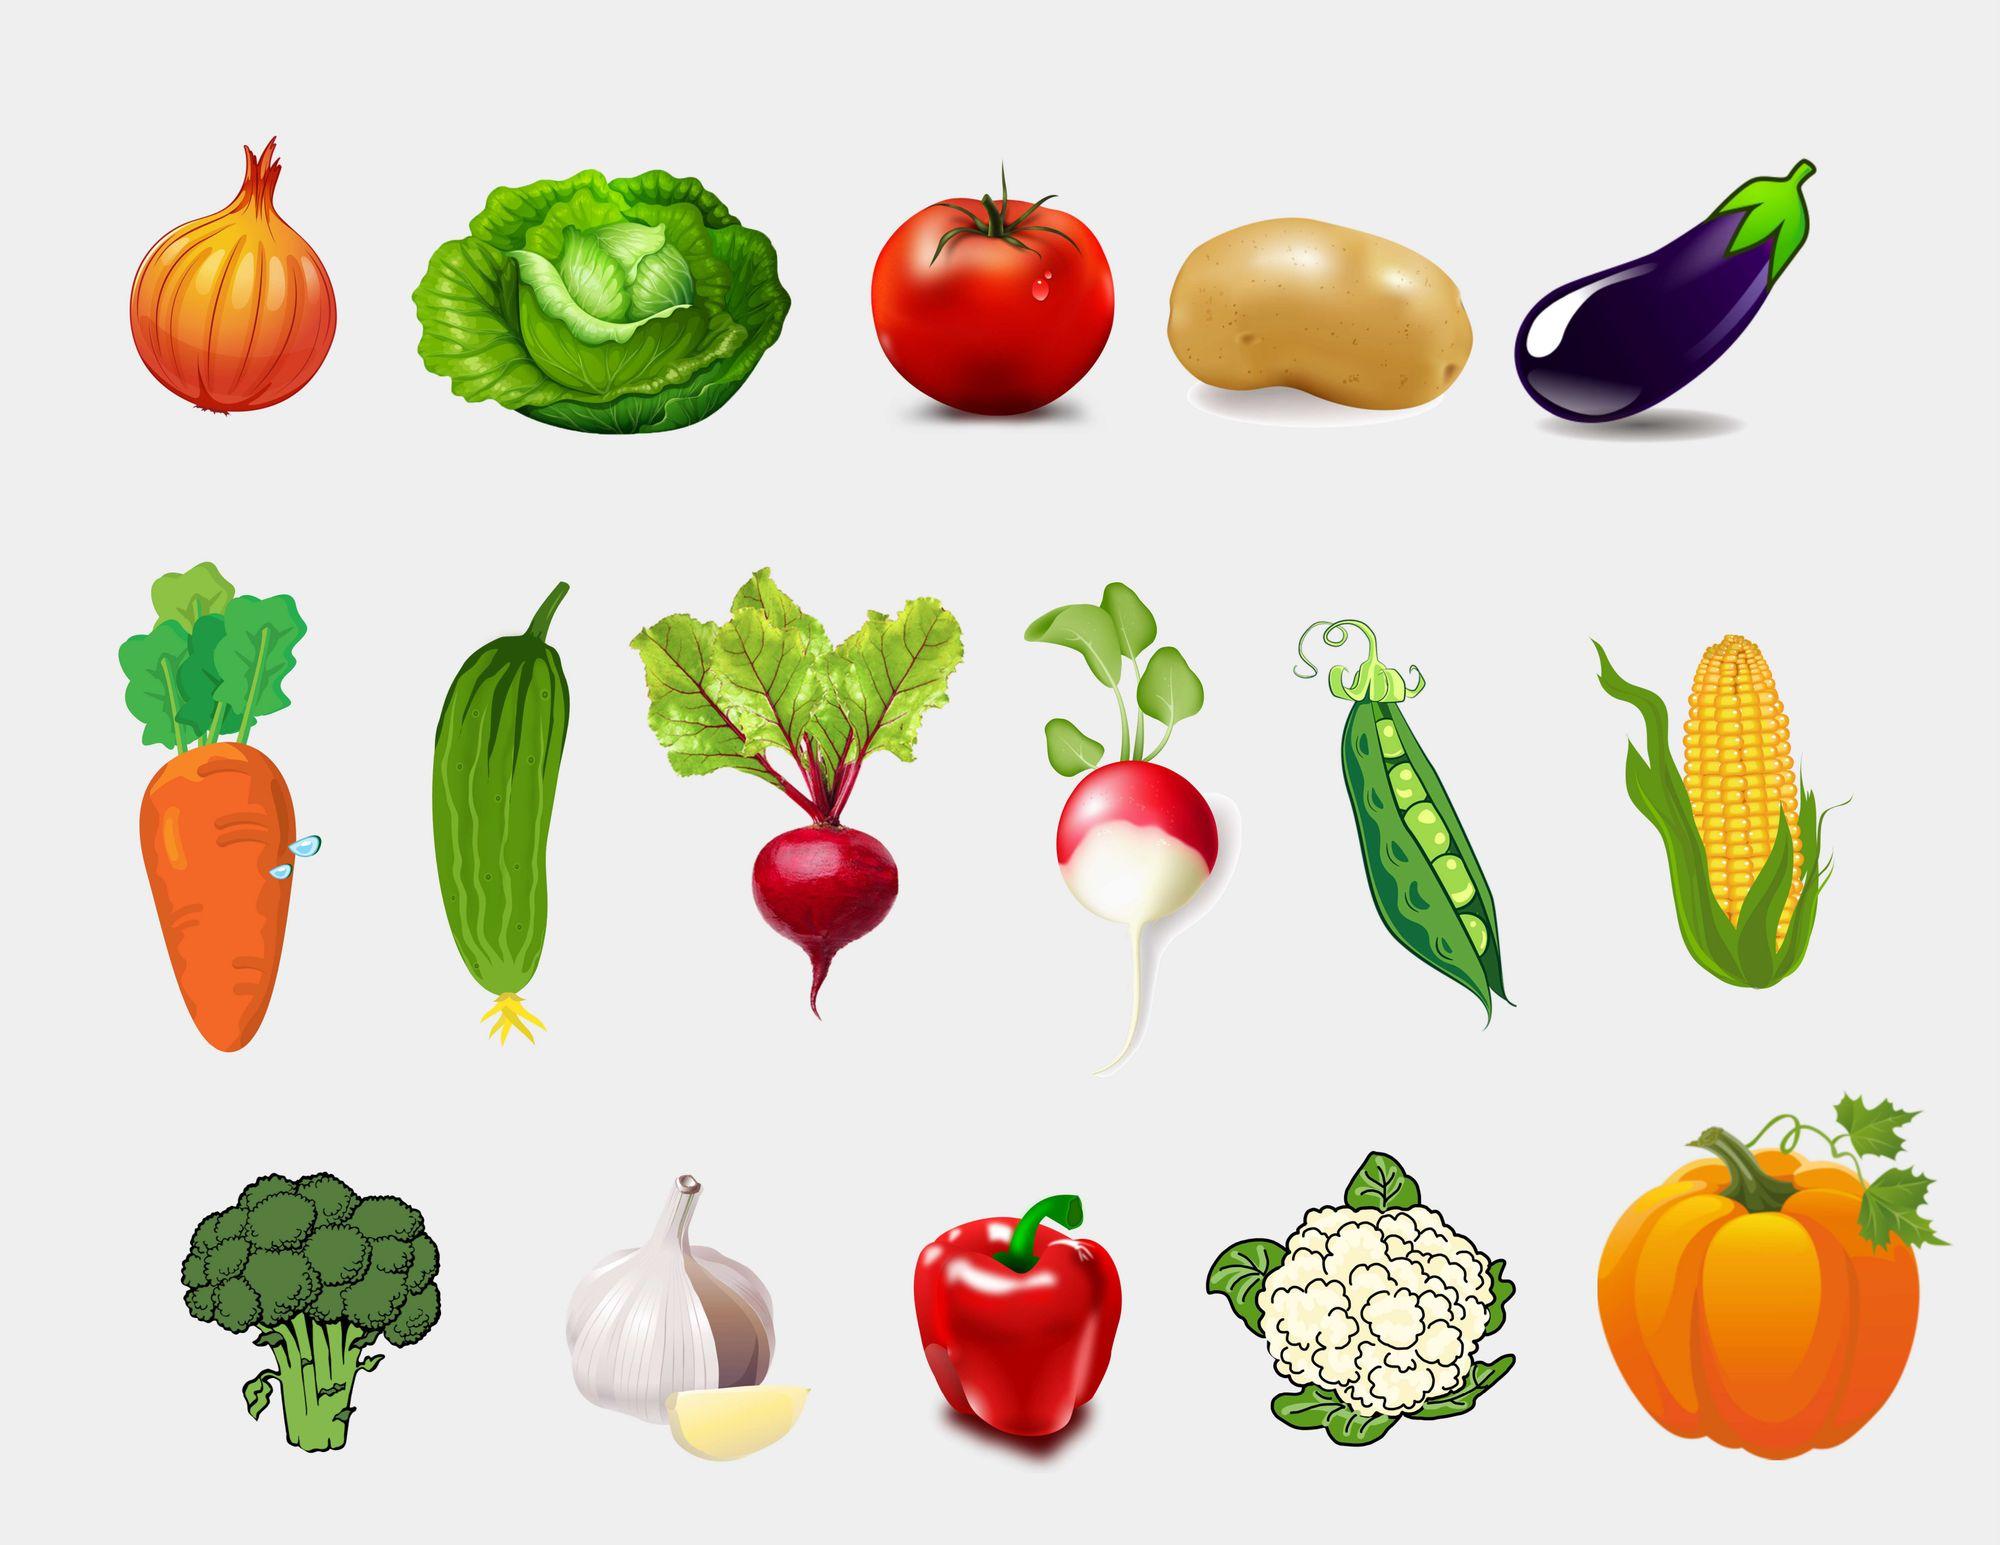 спасибо рисунок про овощей этот момент